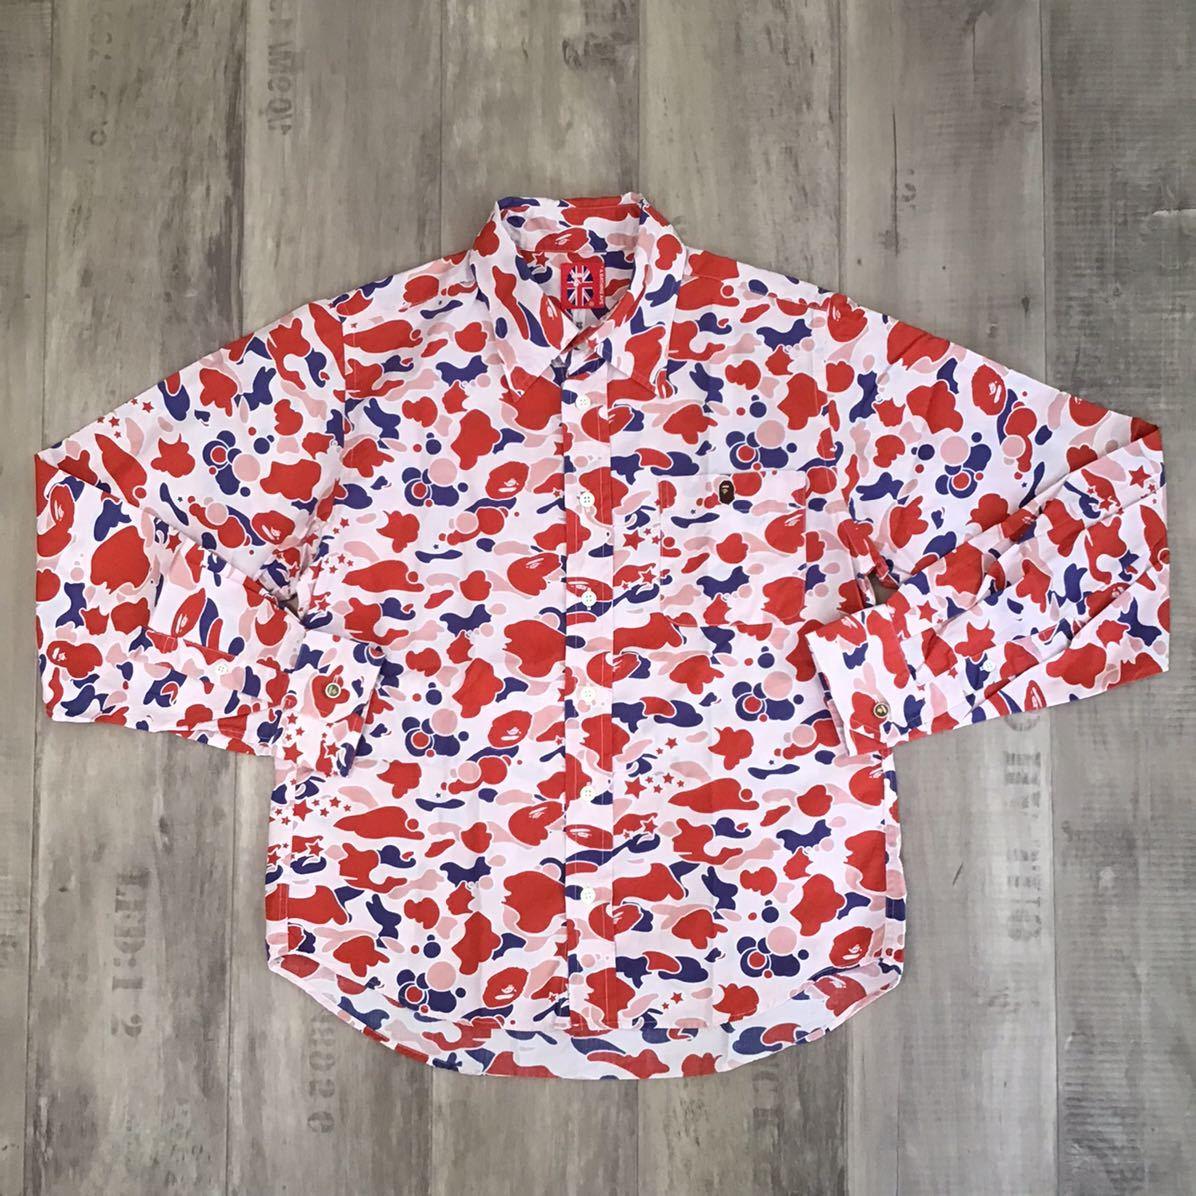 sta camo pink 長袖シャツ XSサイズ a bathing ape bape エイプ ベイプ アベイシングエイプ psyche サイケ 迷彩 裏原宿 NOWHERE 2tv